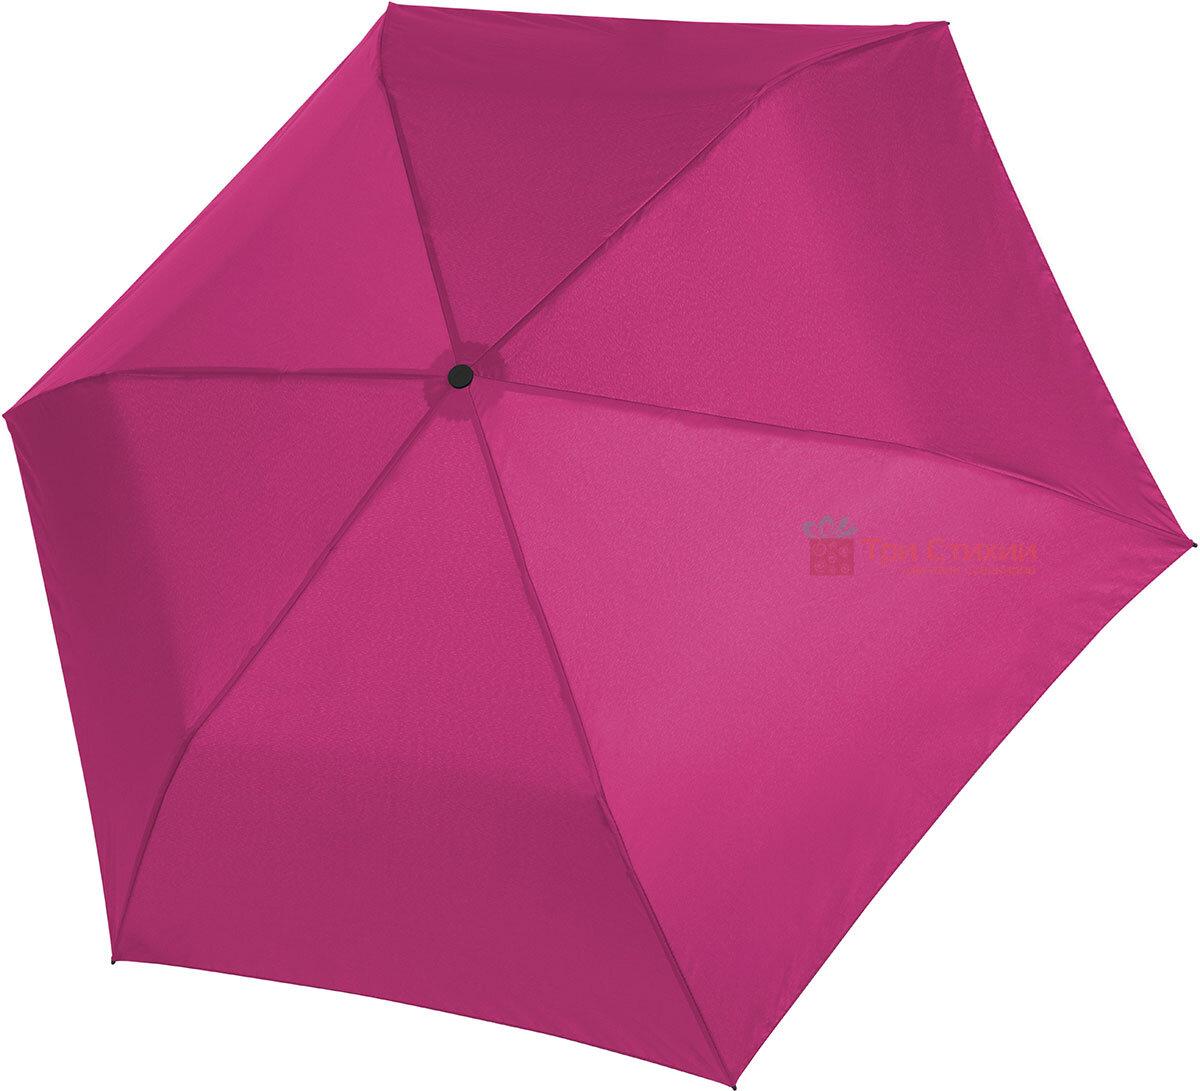 Зонт складной Doppler ZERO полный автомат 74456304 Розовый, фото